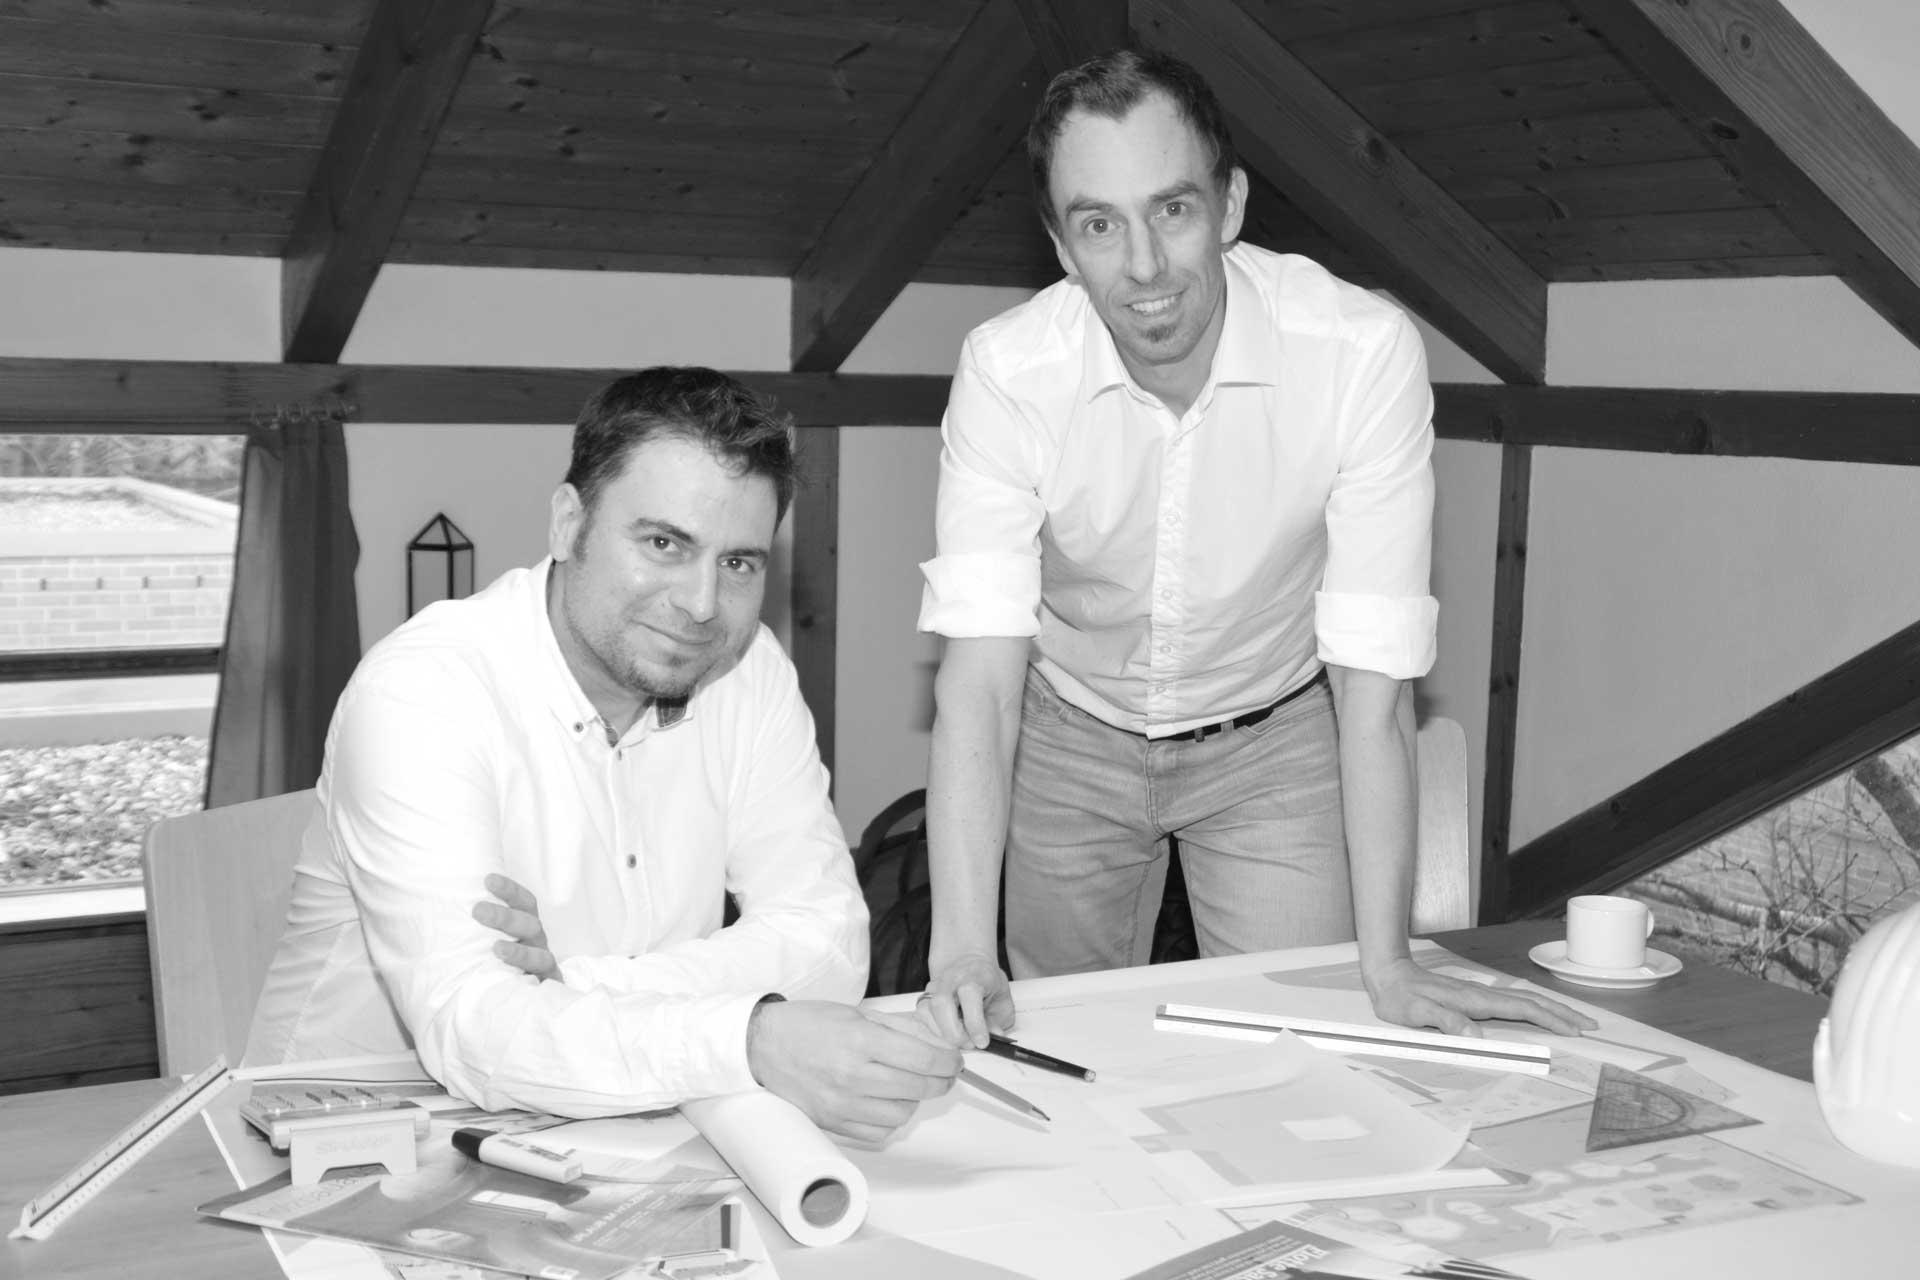 DI Magnus Deubner und DI Jesus Lopez Vazquez von Archland - Architektur und Landschaftsplanung in ihrem Büro in Gänserndorf